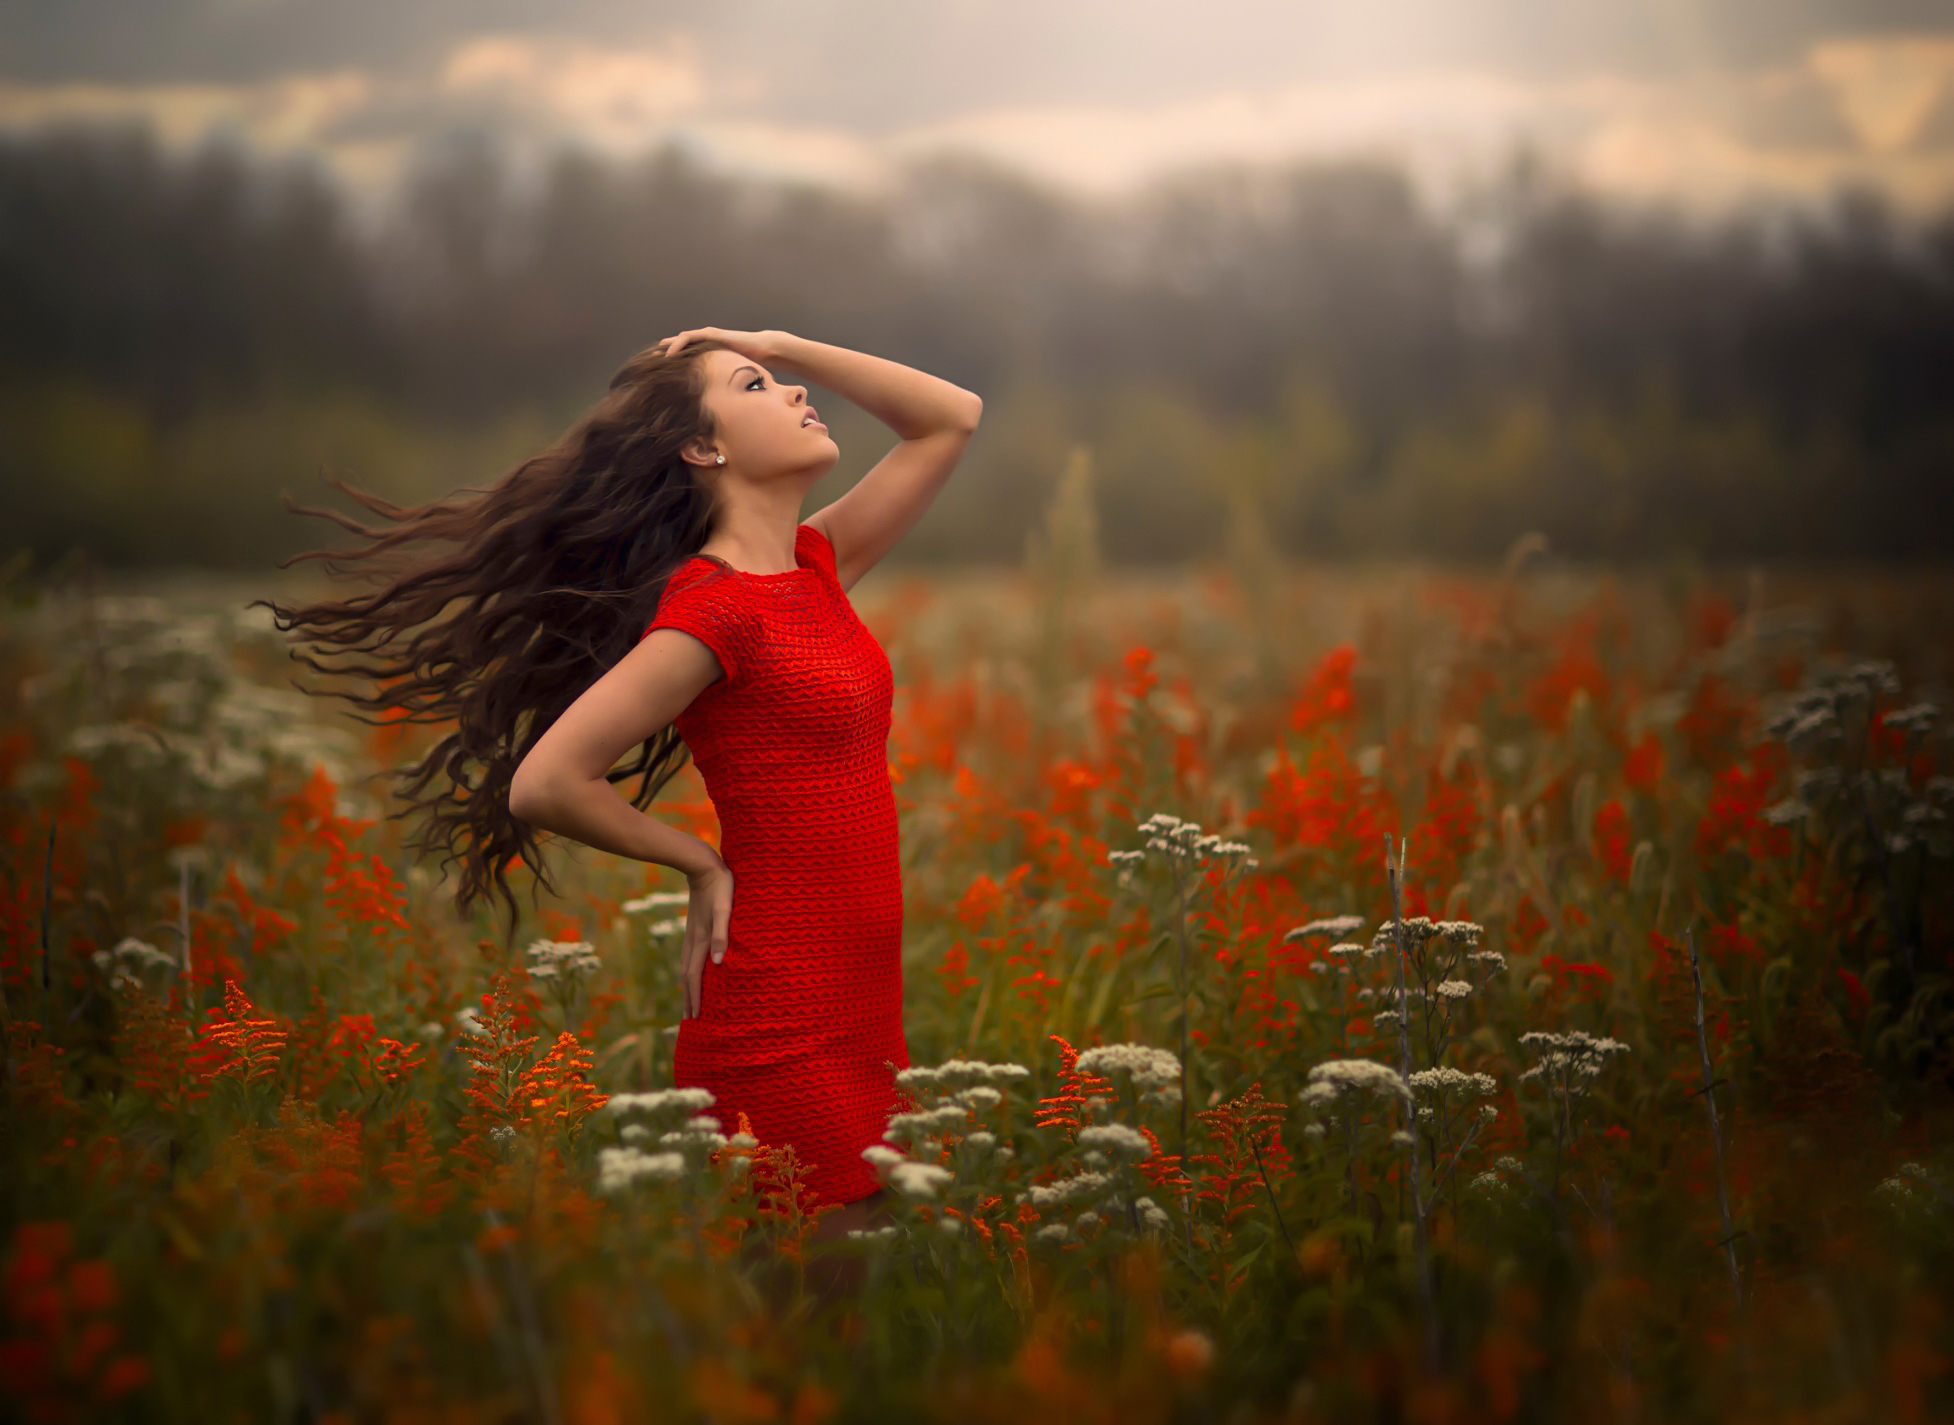 Фото девушка в поле ветер